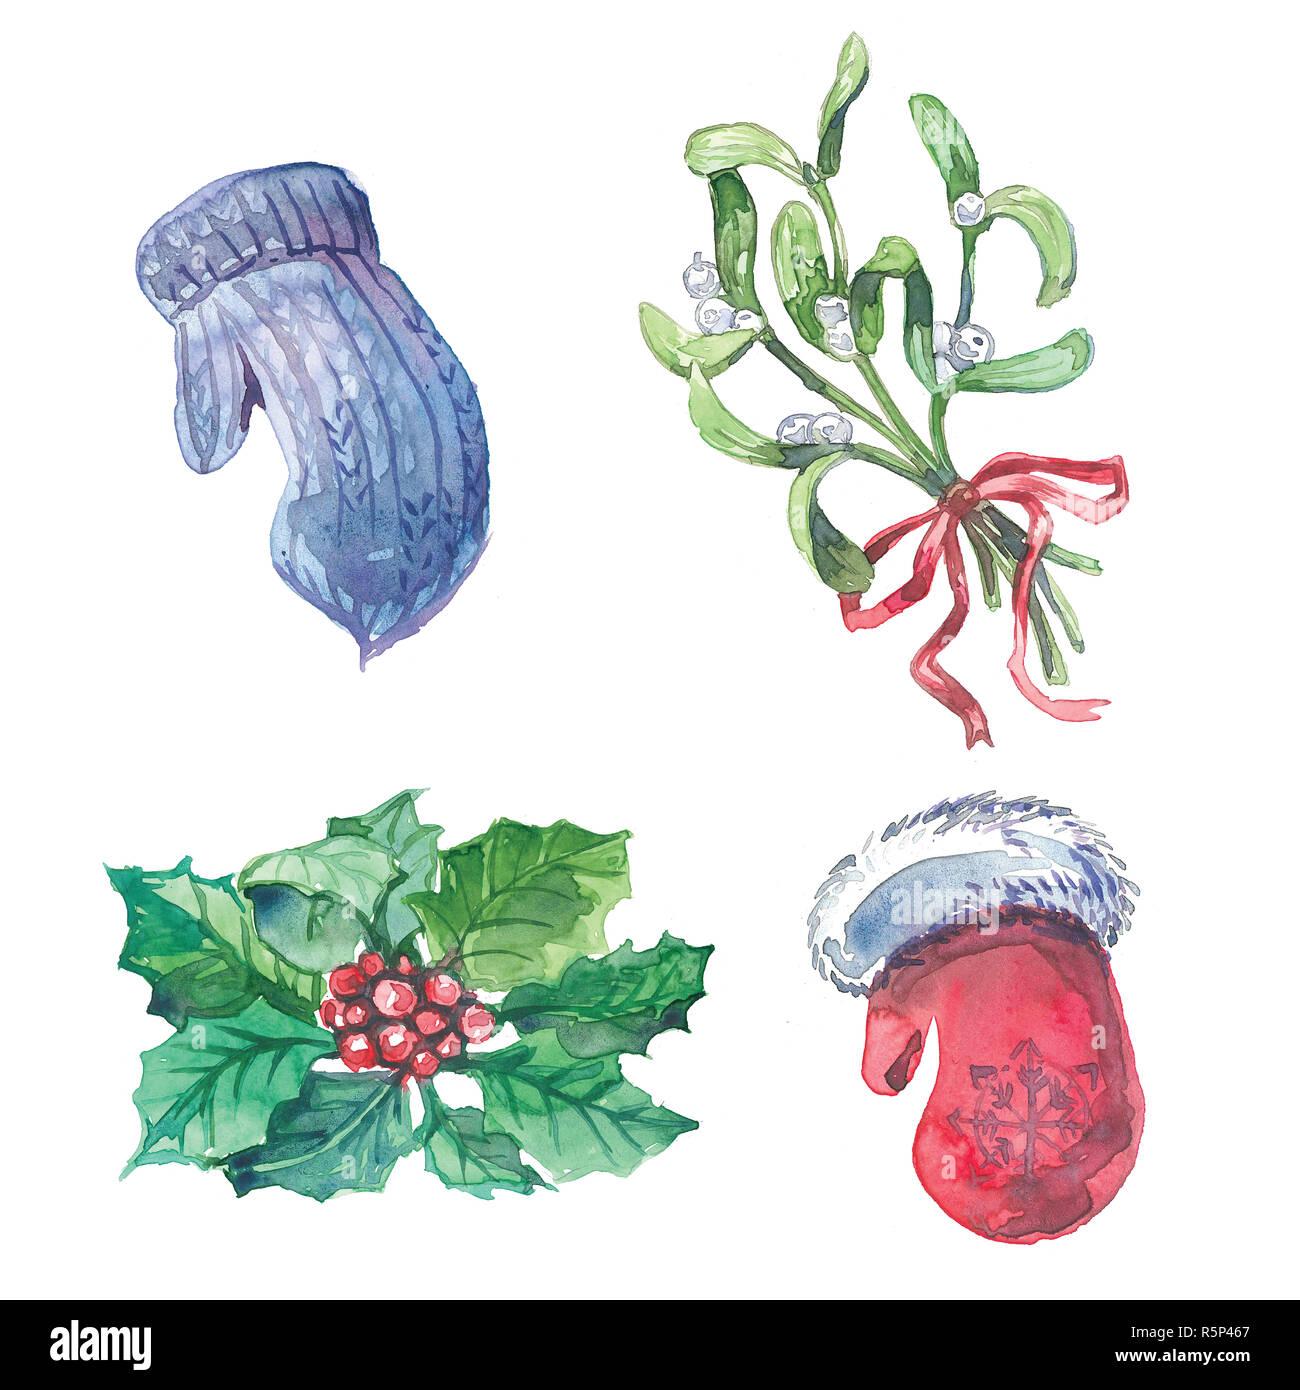 Weihnachtsbilder Zum Kopieren.Weihnachtsbilder Stockfotos Weihnachtsbilder Bilder Alamy